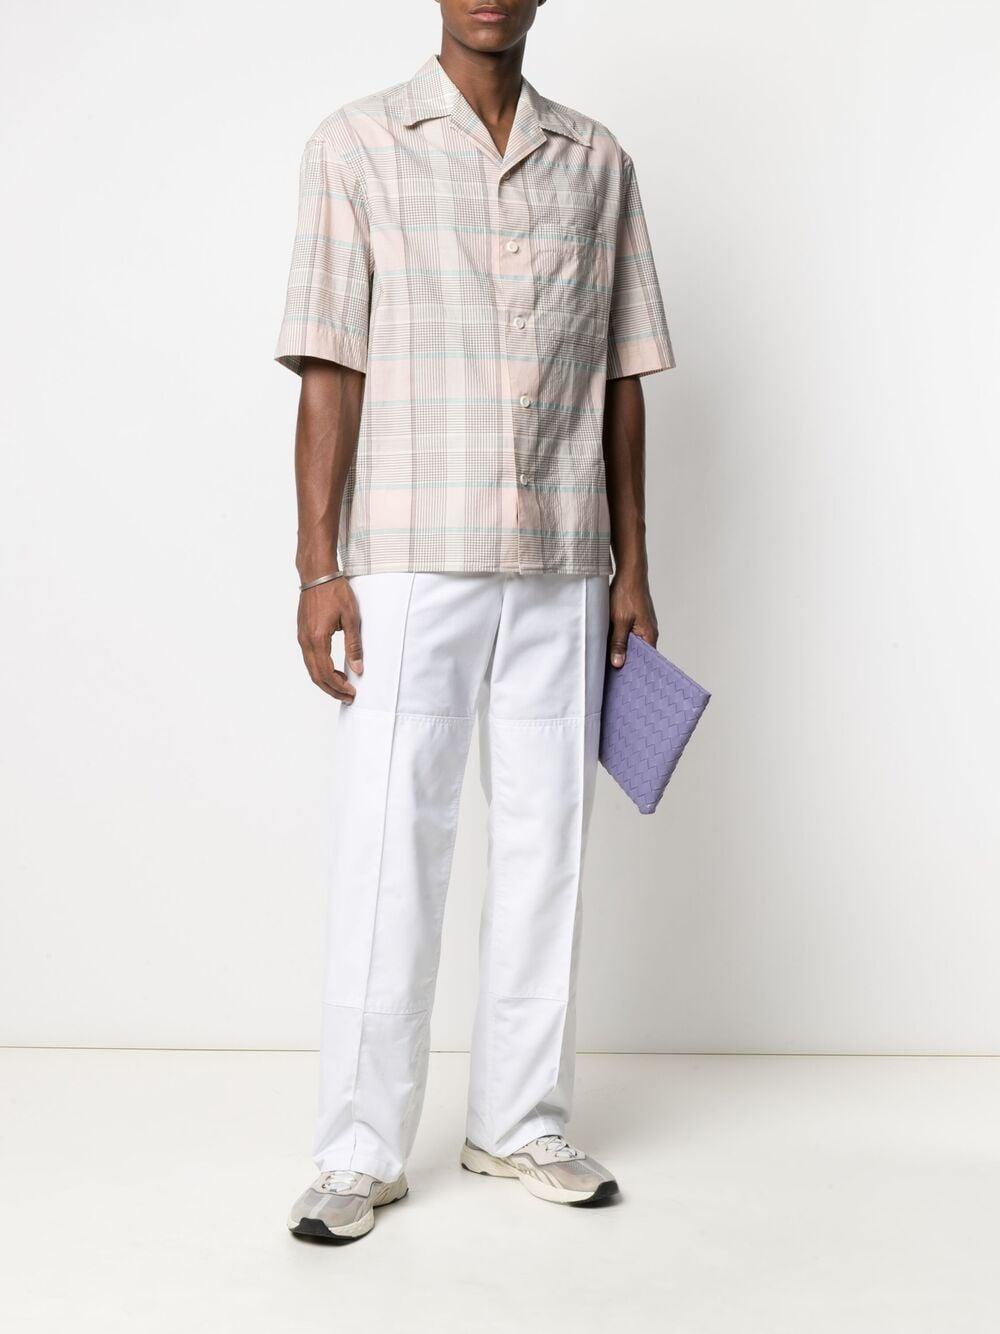 Lemaire camicia con stampa check uomo rosa LEMAIRE | Camicie | M 211 SH160 LF551126